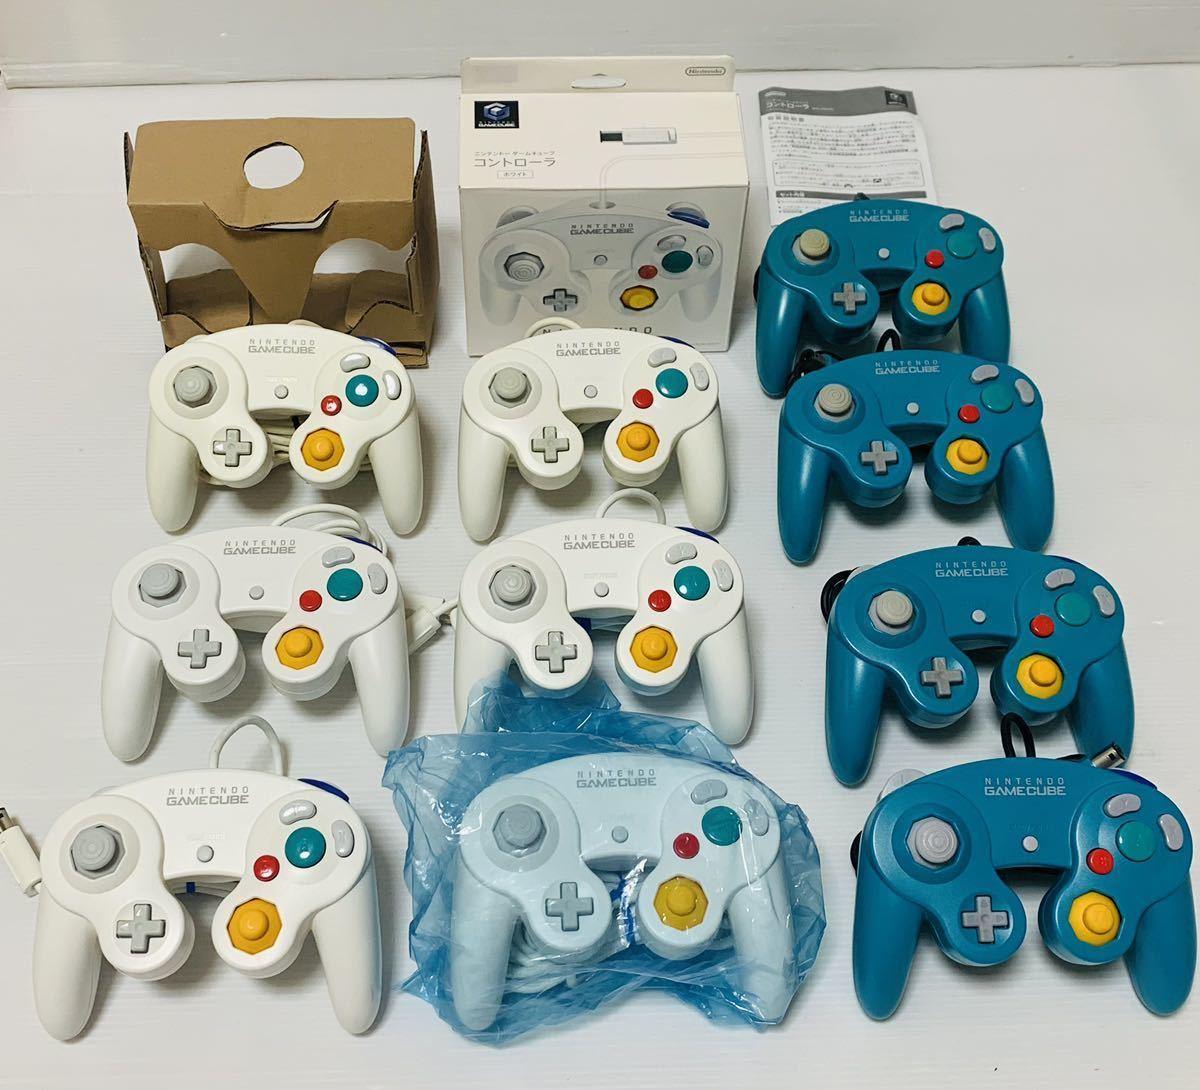 ゲームキューブ コントローラ エメラルド ホワイト 10個セット 動作良好品 ジャンク品セット GC ニンテンドー 1円スタート